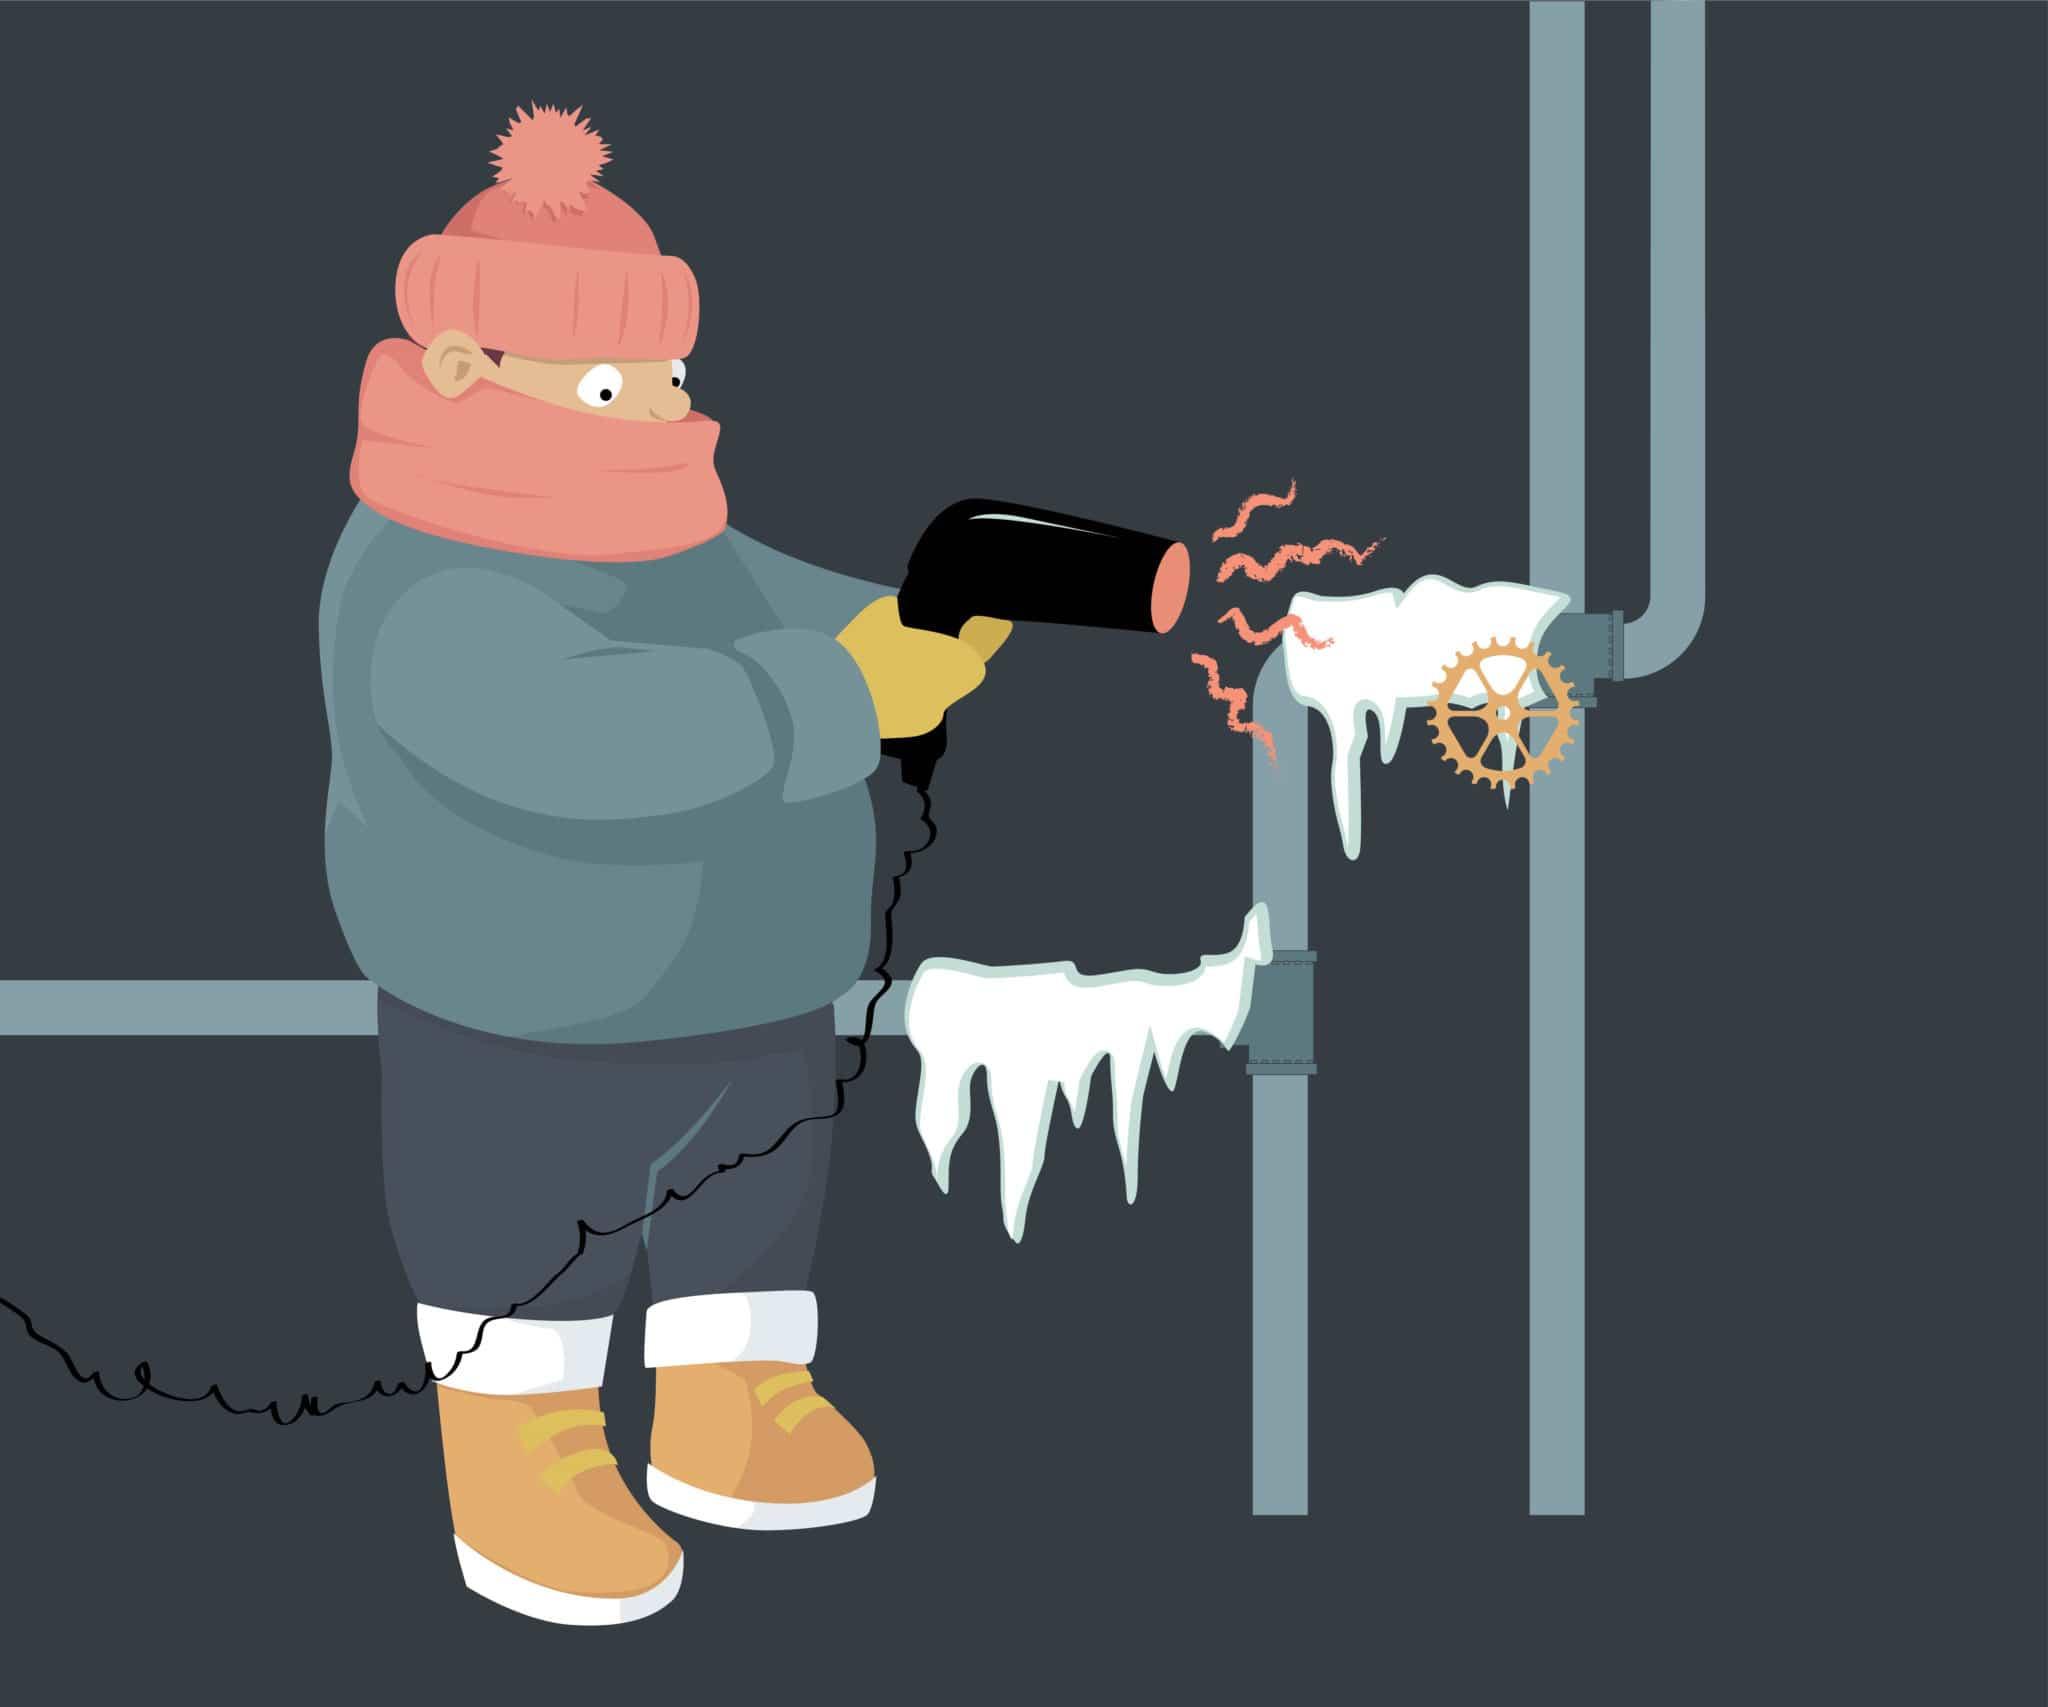 frozen plumbing claims